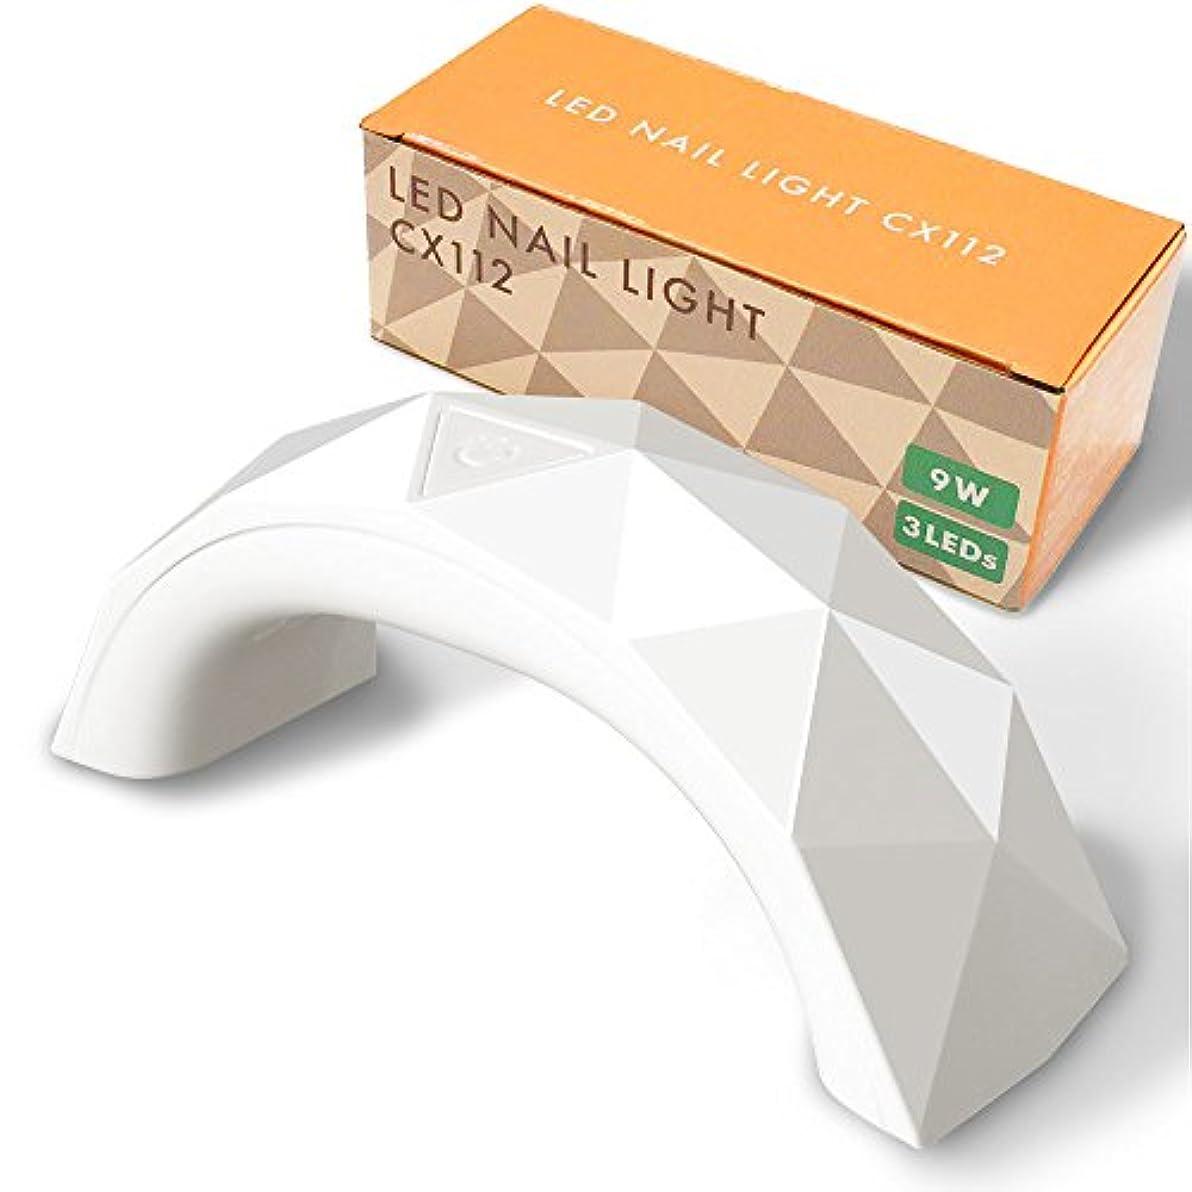 起きるあえぎ規制【Centrex】【CX112】ジェルネイル LEDライト 9W 硬化用ライト タイマー付き ハイパワーチップ式LED球 USB式 (ホワイト)